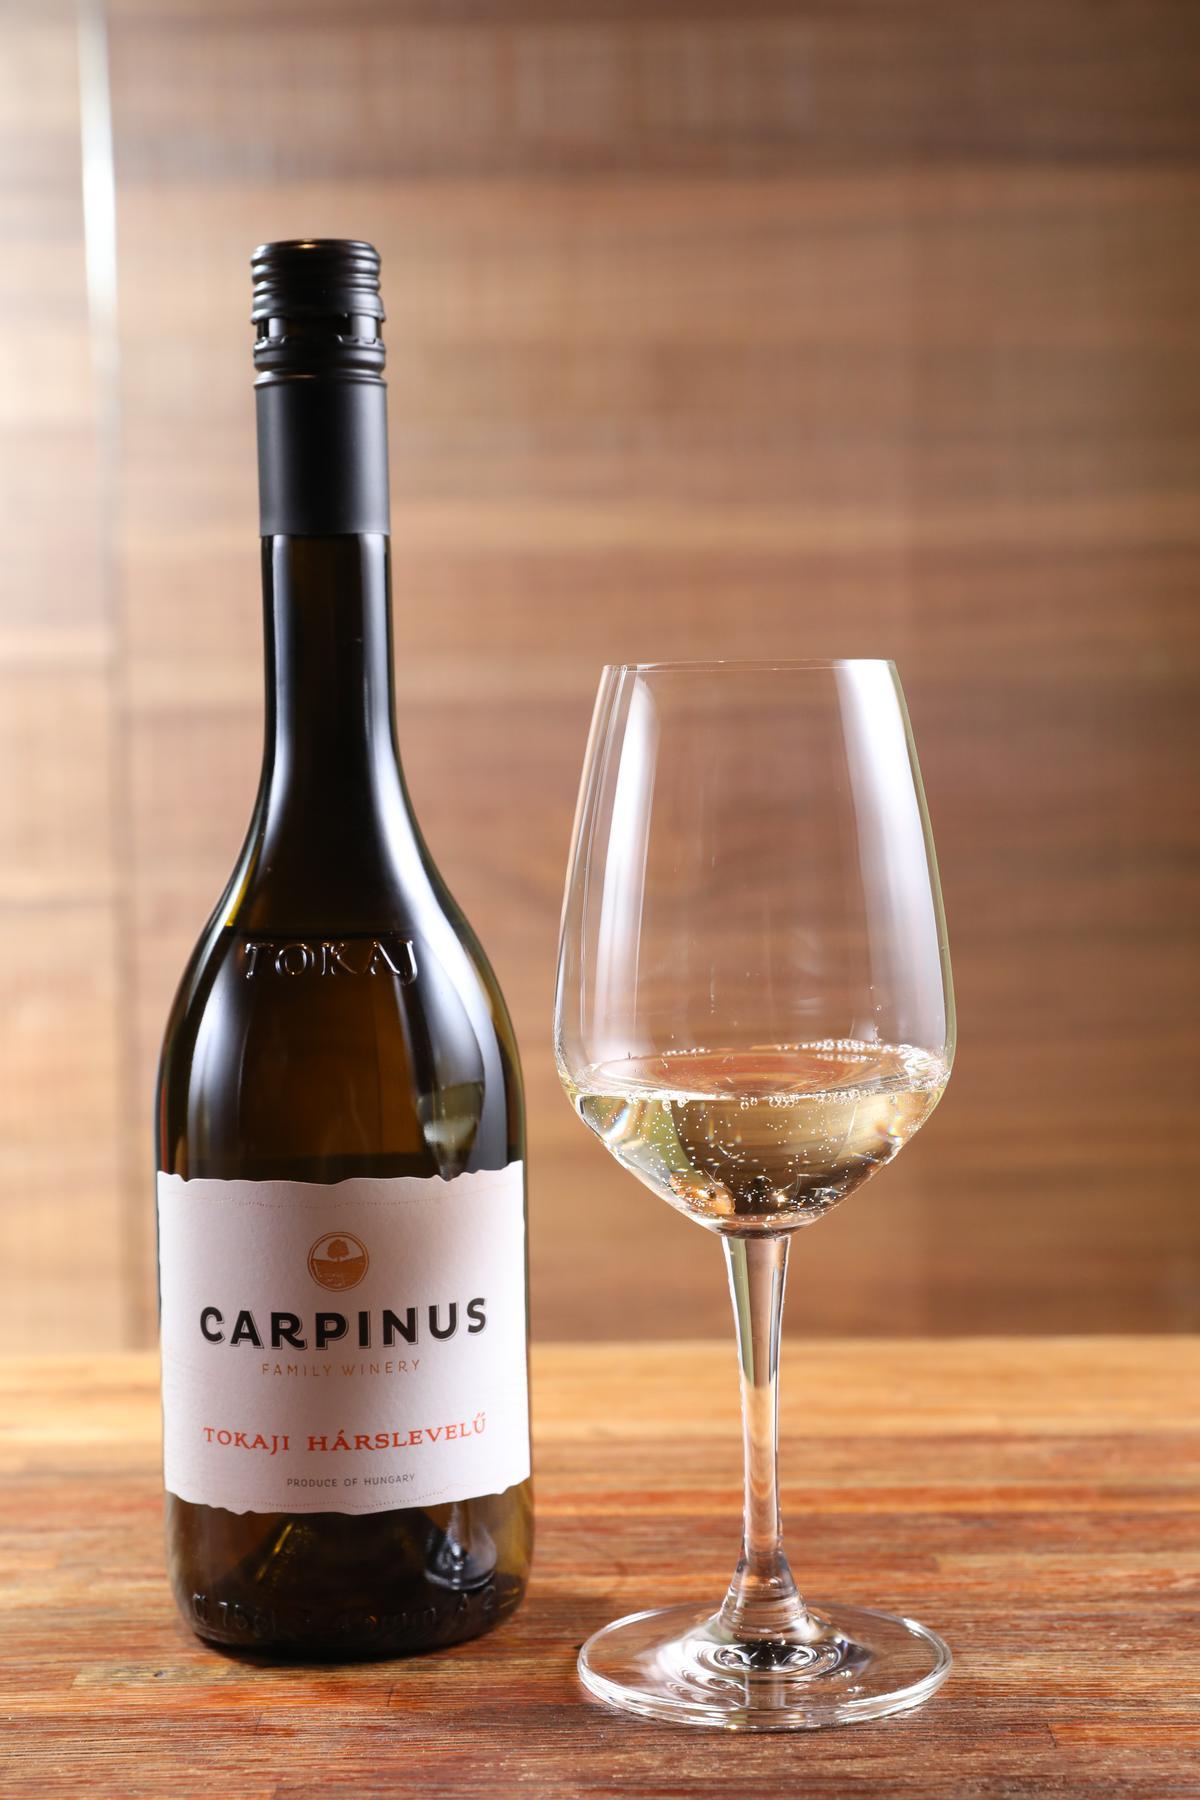 「Carpinus Tokaji Hárslevelü 2015」的蜜香與花香皆非常清爽,適合與充滿香料味的湖南蛋搭配。(850元/瓶)